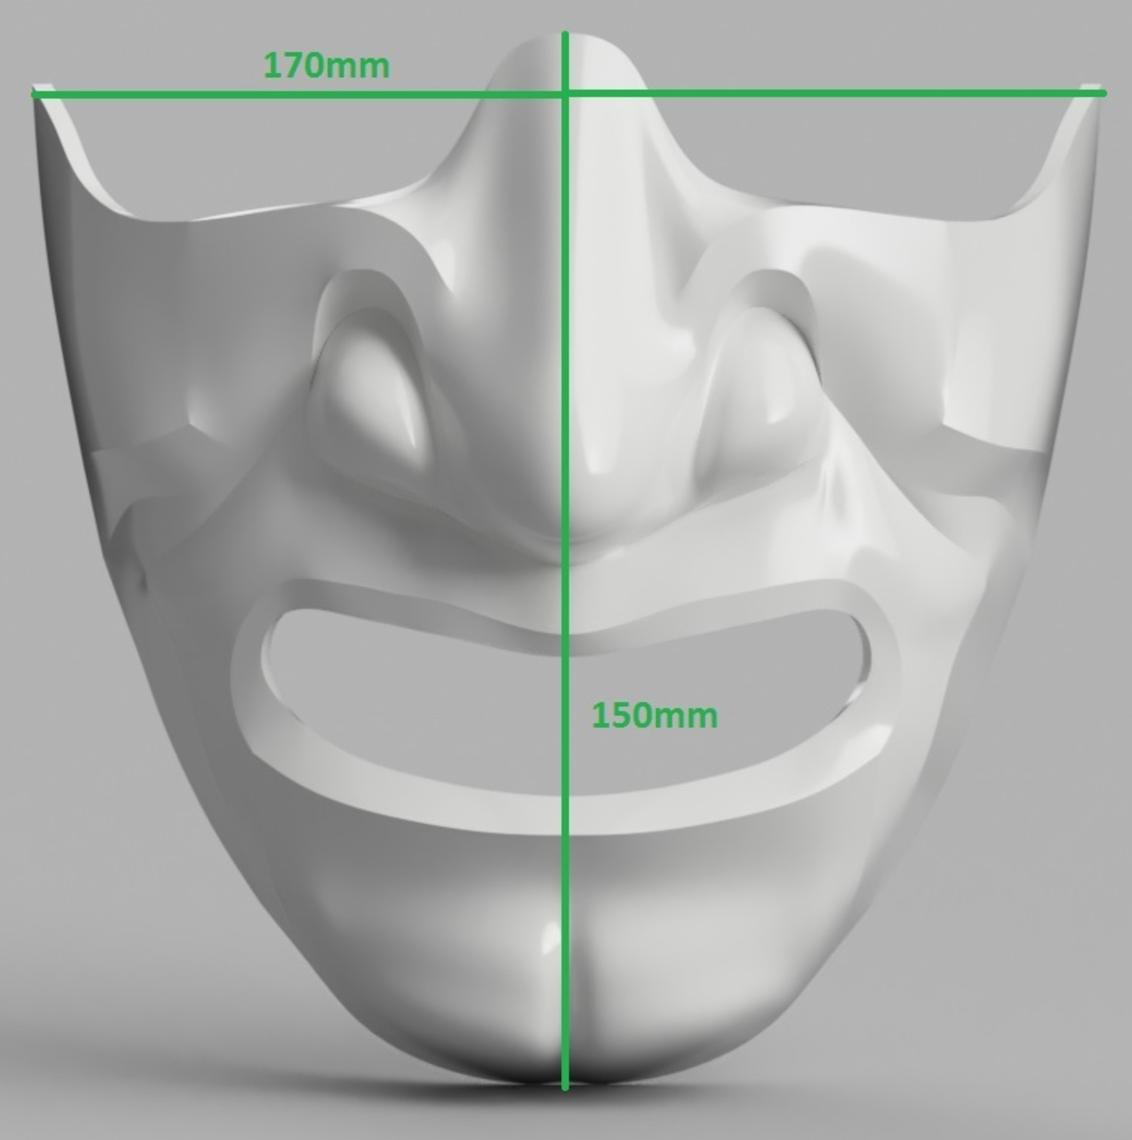 Capture d'écran 2017-09-14 à 16.07.09.png Download free STL file Samurai Half Mask (Mempo) • Model to 3D print, VillainousPropShop